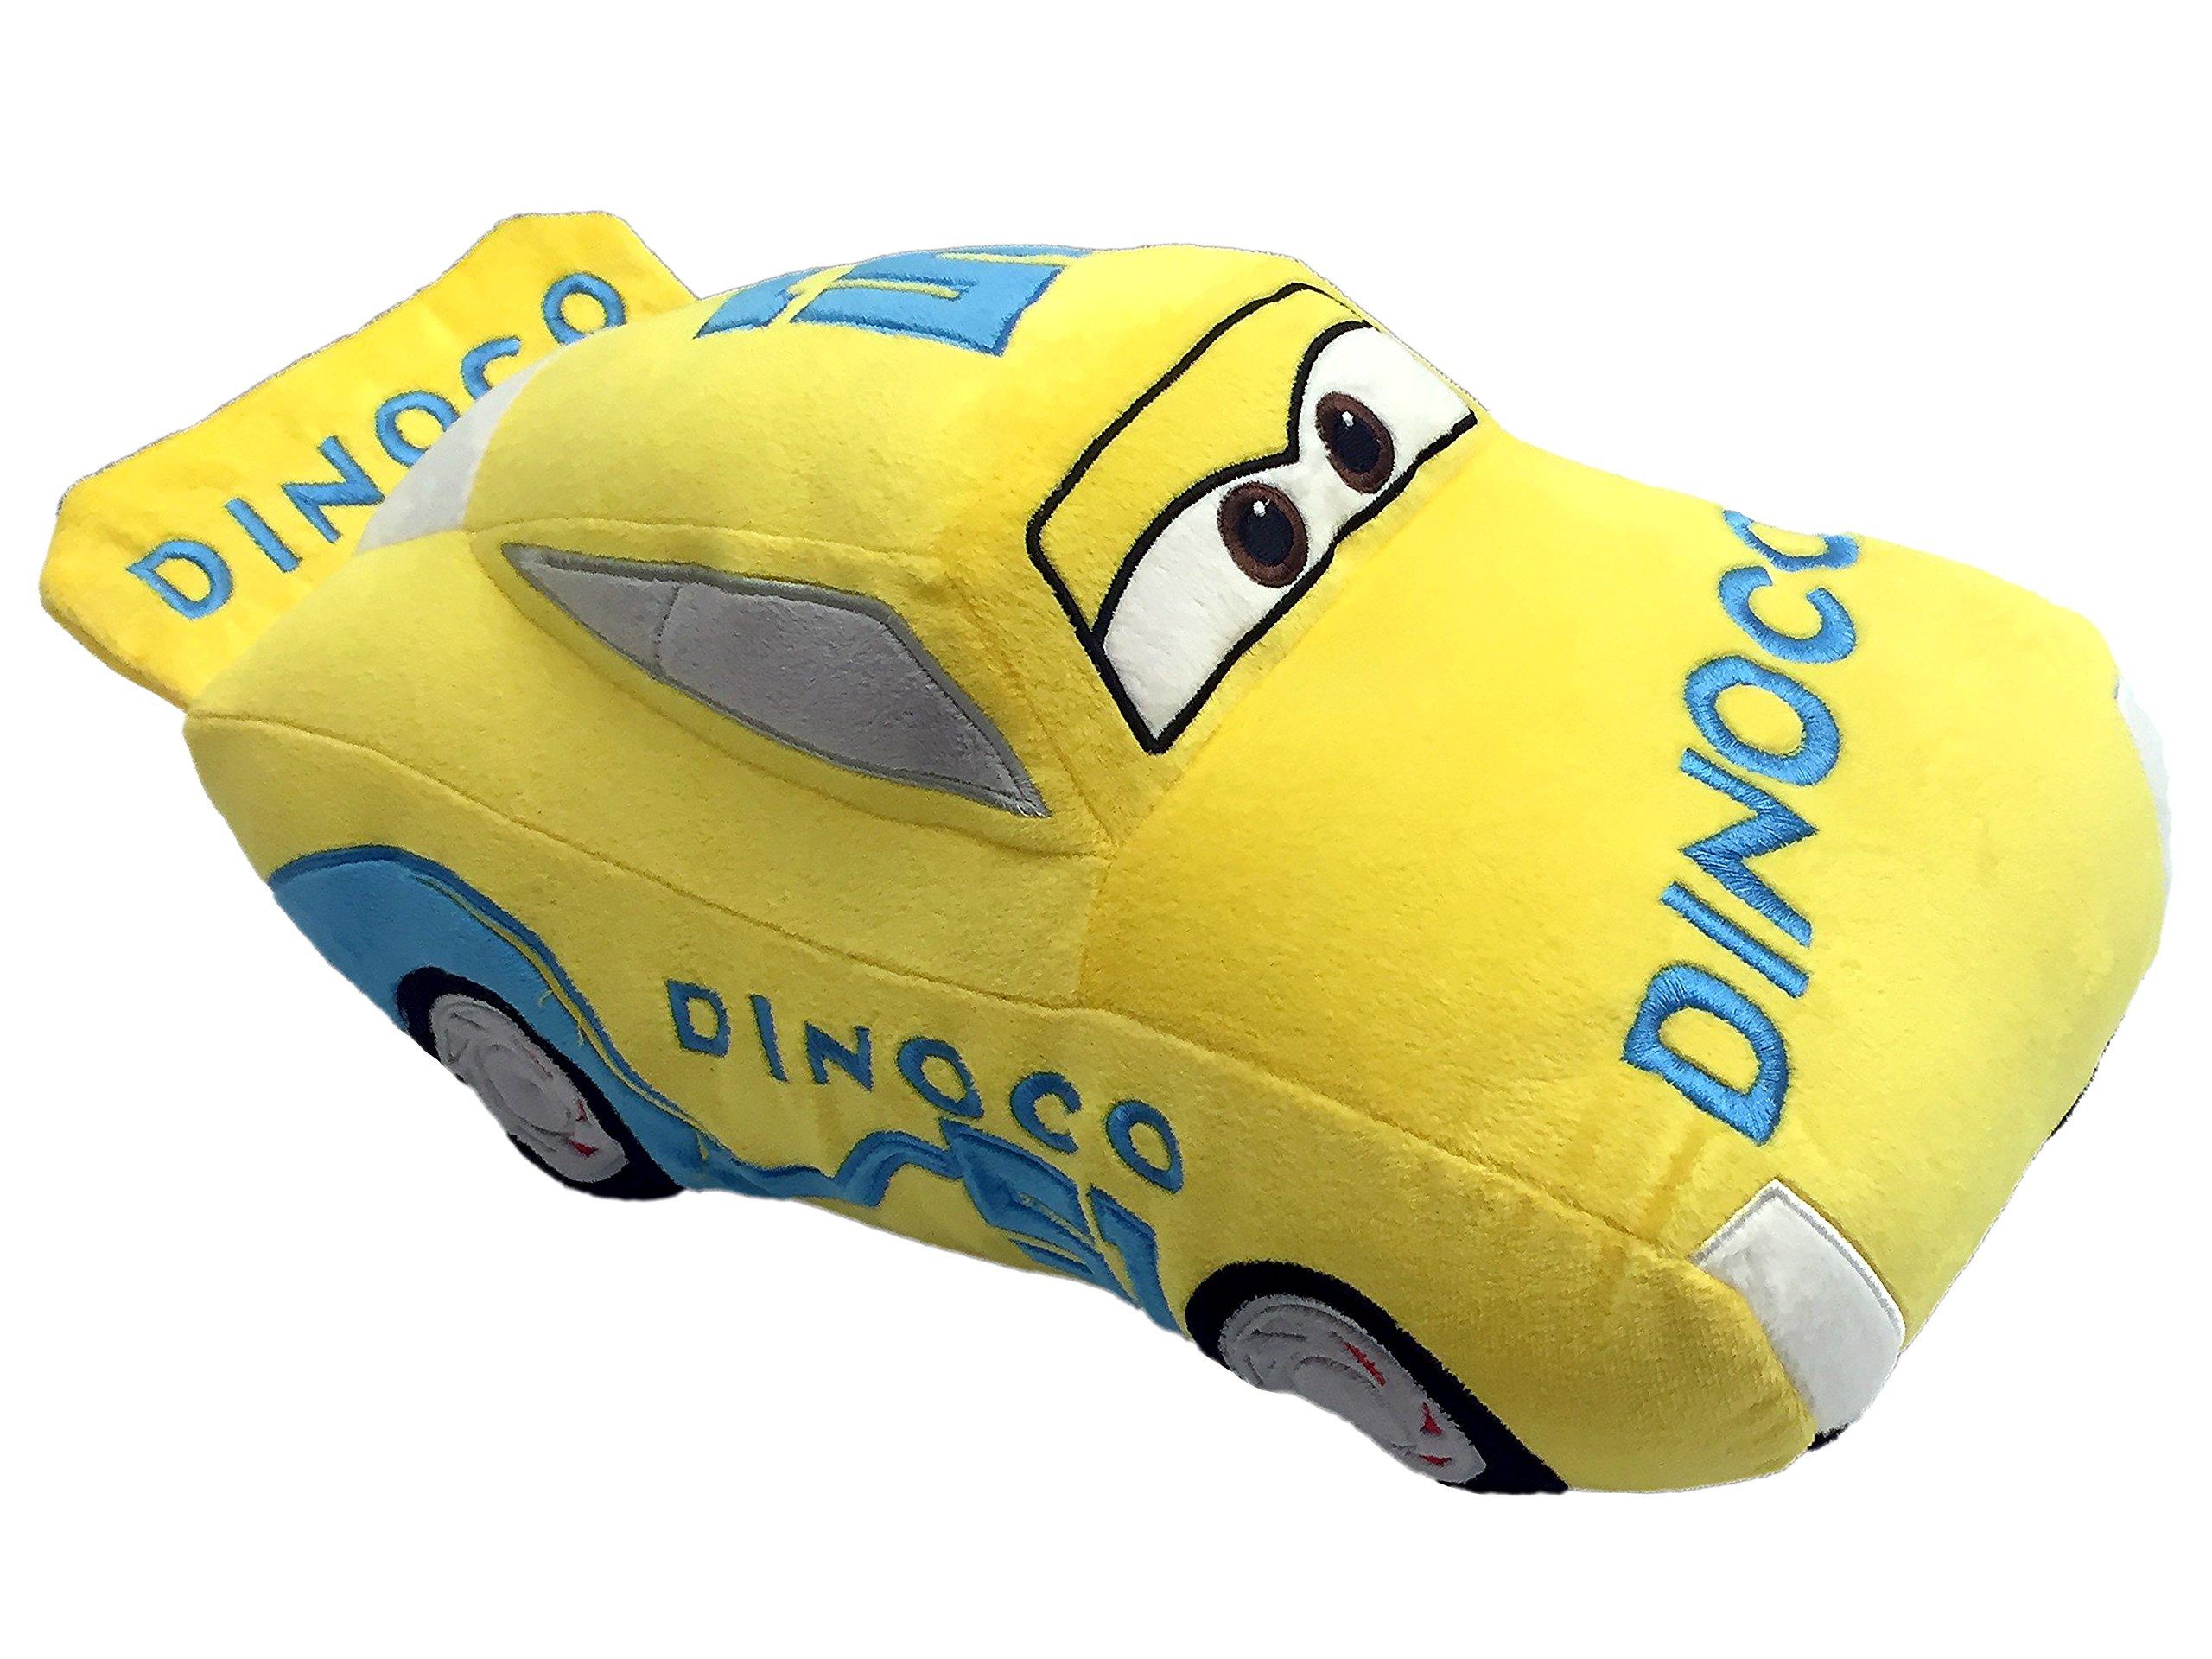 Disney Pixar Cars 3 Movie Cruz Ramirez Yellow Racecar Plush 16'' Pillowbuddy (Official Pixar Prodcut)